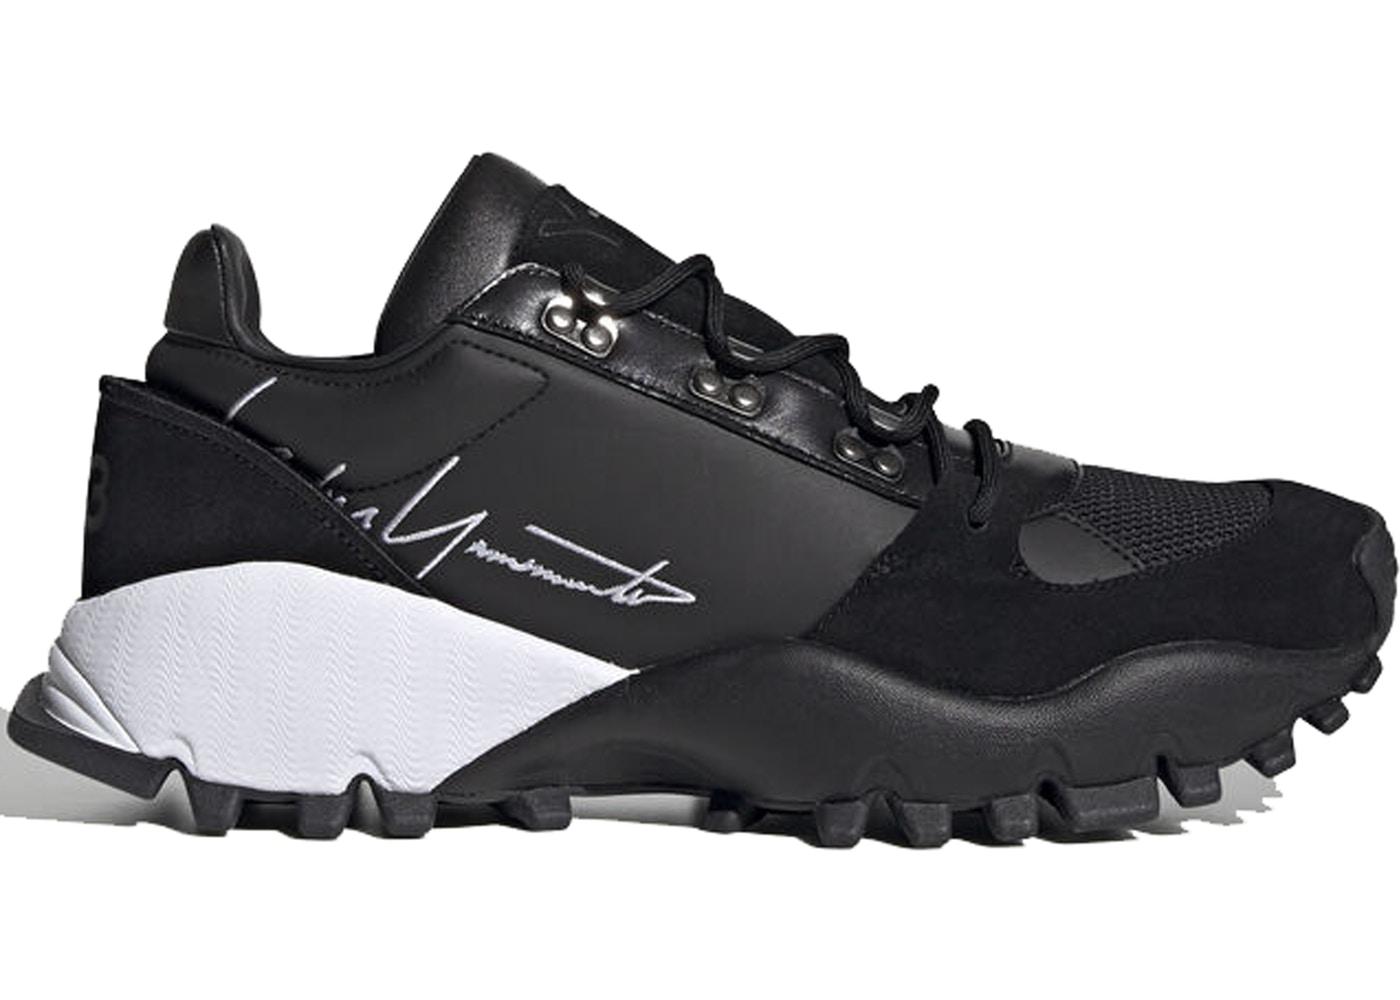 アディダス ADIDAS 黒 ブラック スニーカー 【 BLACK Y3 KYOI TRAIL WHITE FOOTWEAR 】 メンズ